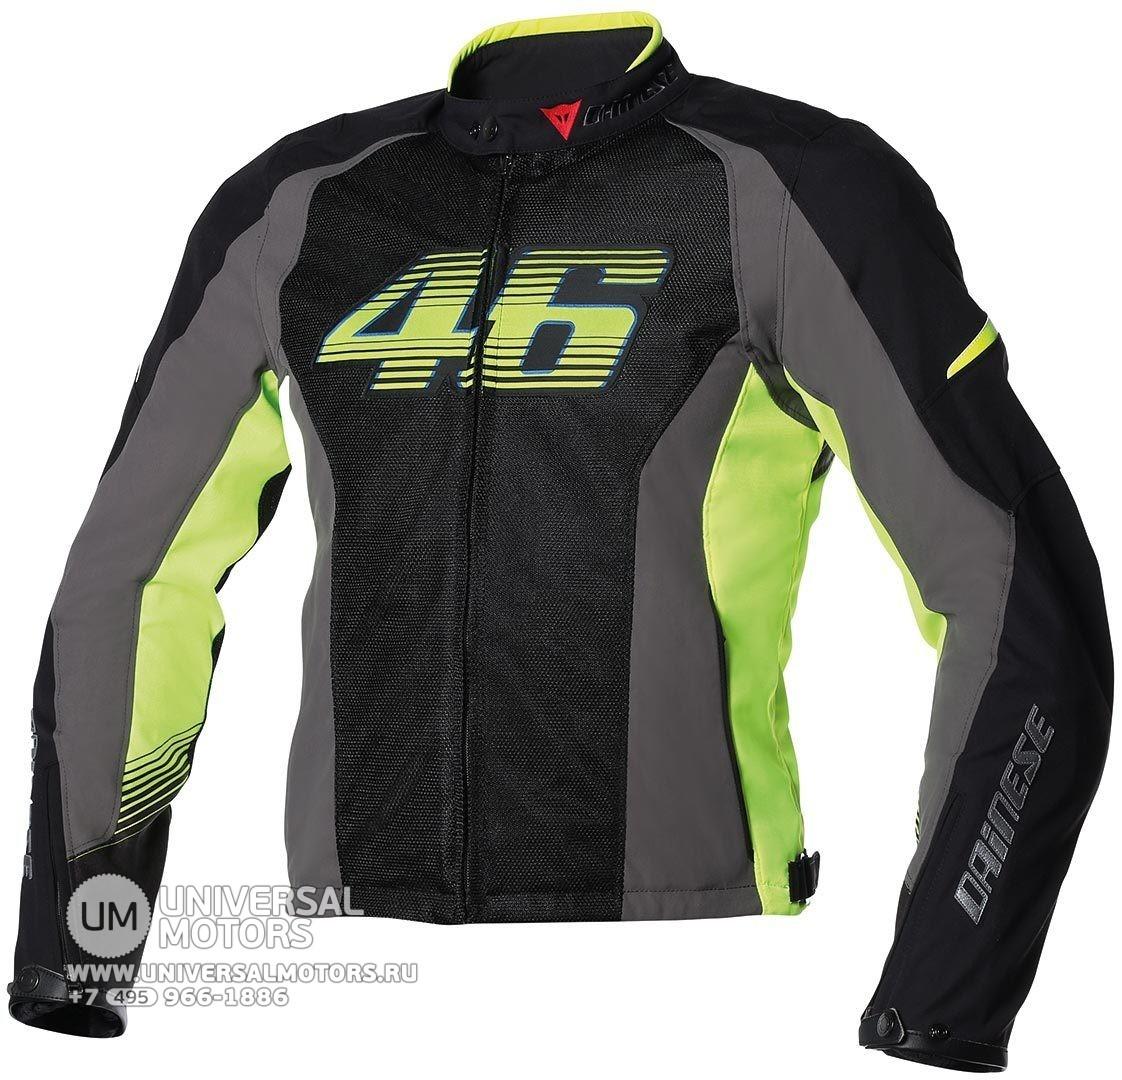 Мото куртка Dainese G. VR46 AIR TEX новая купить в Москве, цены, продажа, интернет-магазин